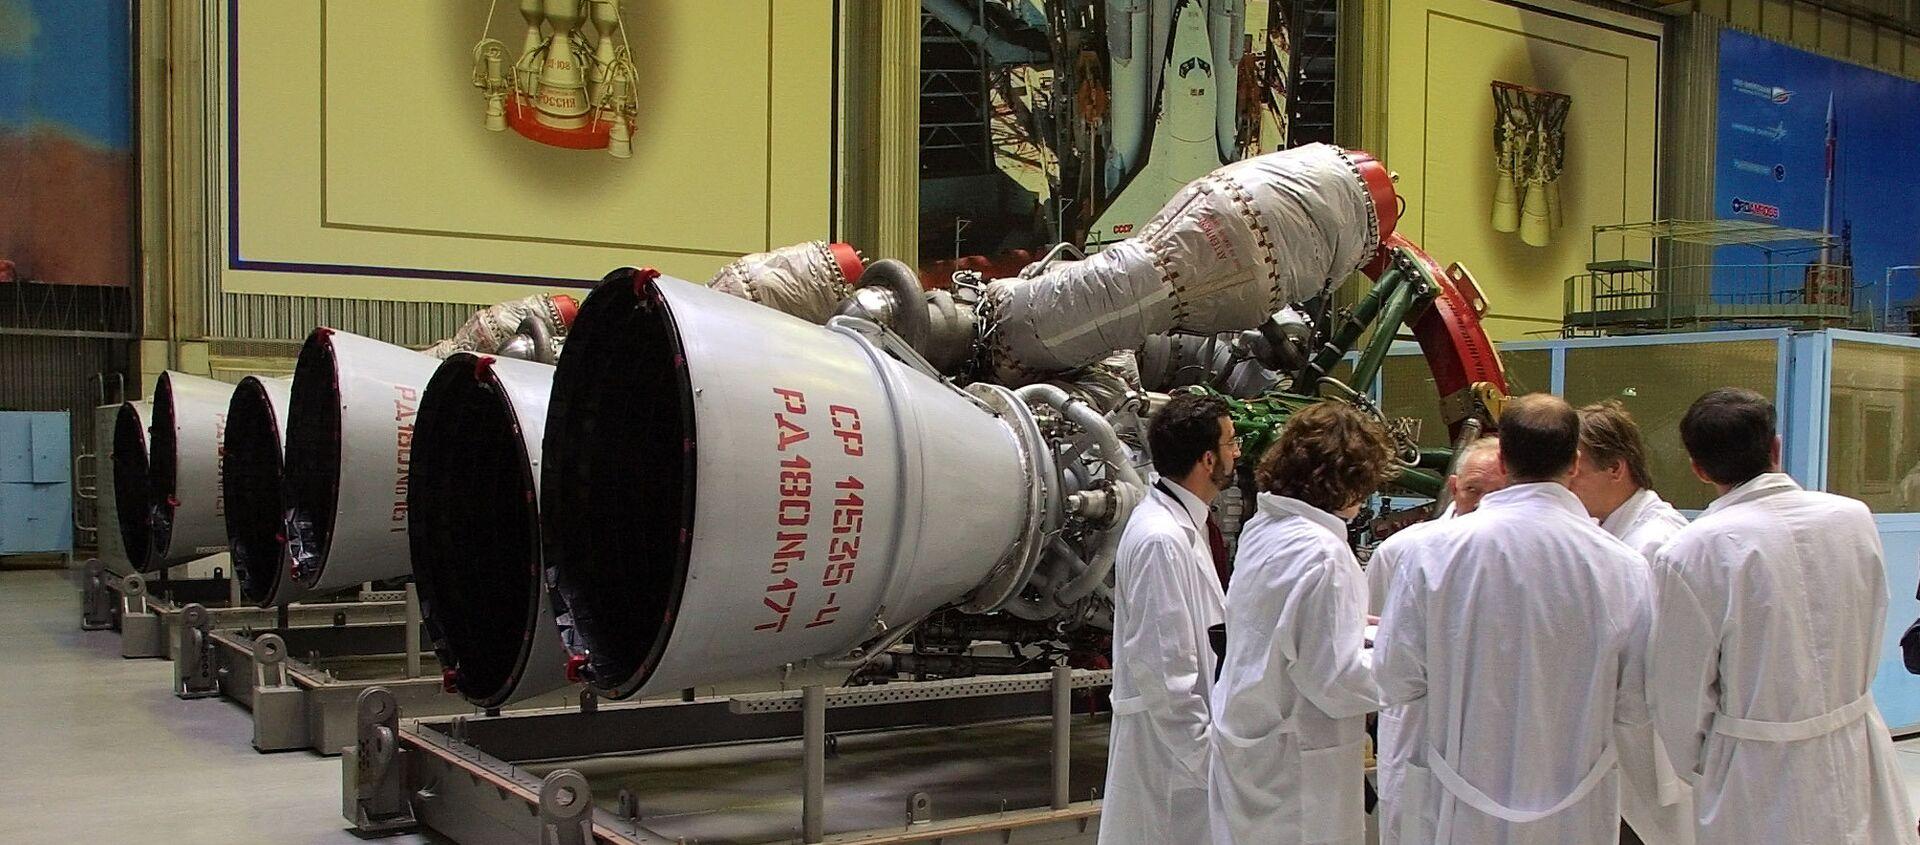 de moteurs-fusées RD-180 - Sputnik France, 1920, 20.07.2021